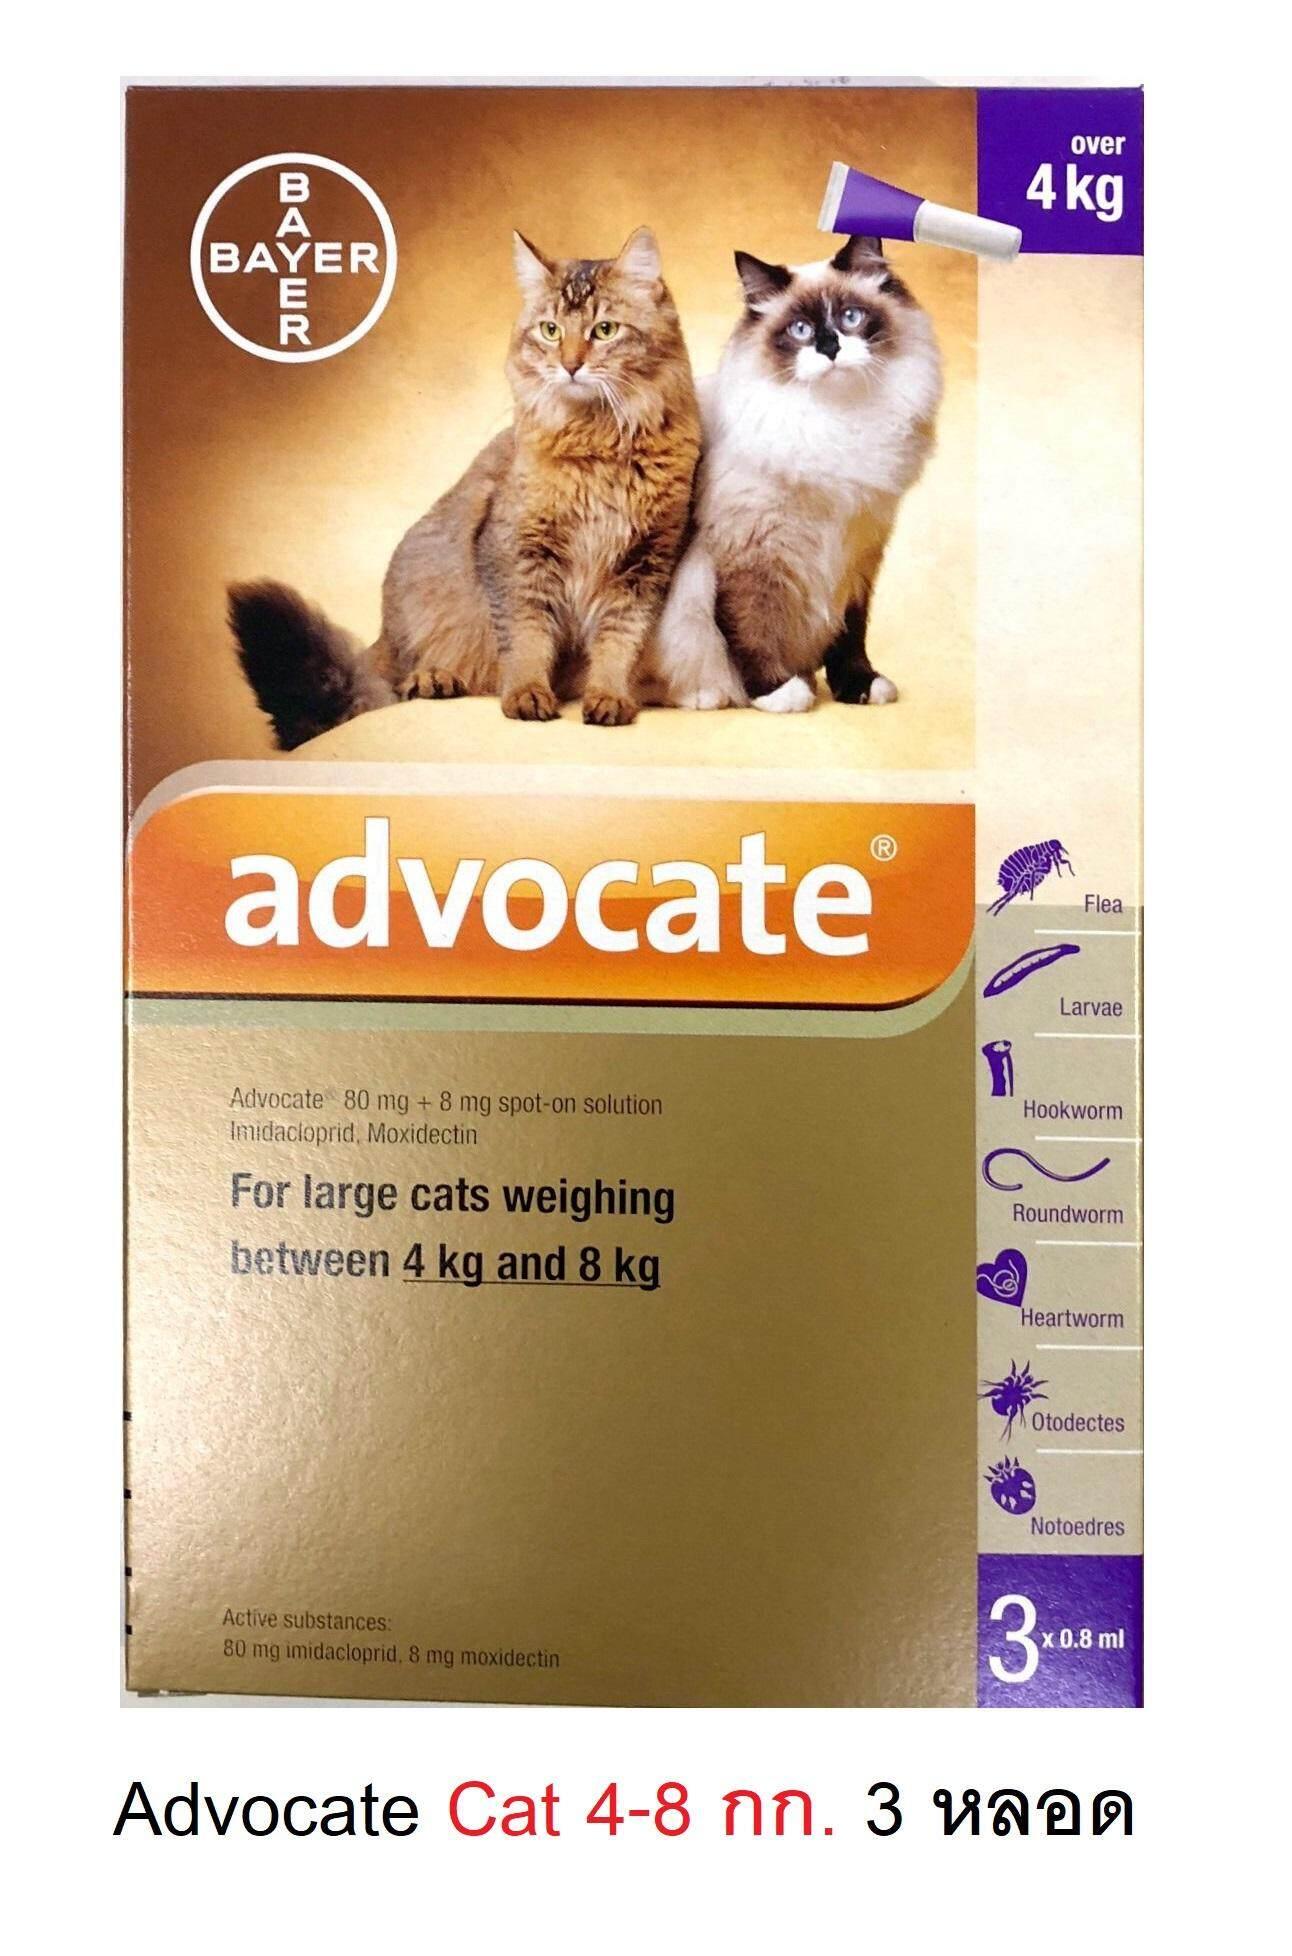 Bayer Advocate Cat 4-8 Kg ( 3 Tube ) แอทโวเคท สำหรับแมว น้ำหนัก 4-8 กก. ยาป้องกันเห็บ หมัด ไรในหู พยาธิหัวใจ ( 3 หลอด ) By Speedpets.